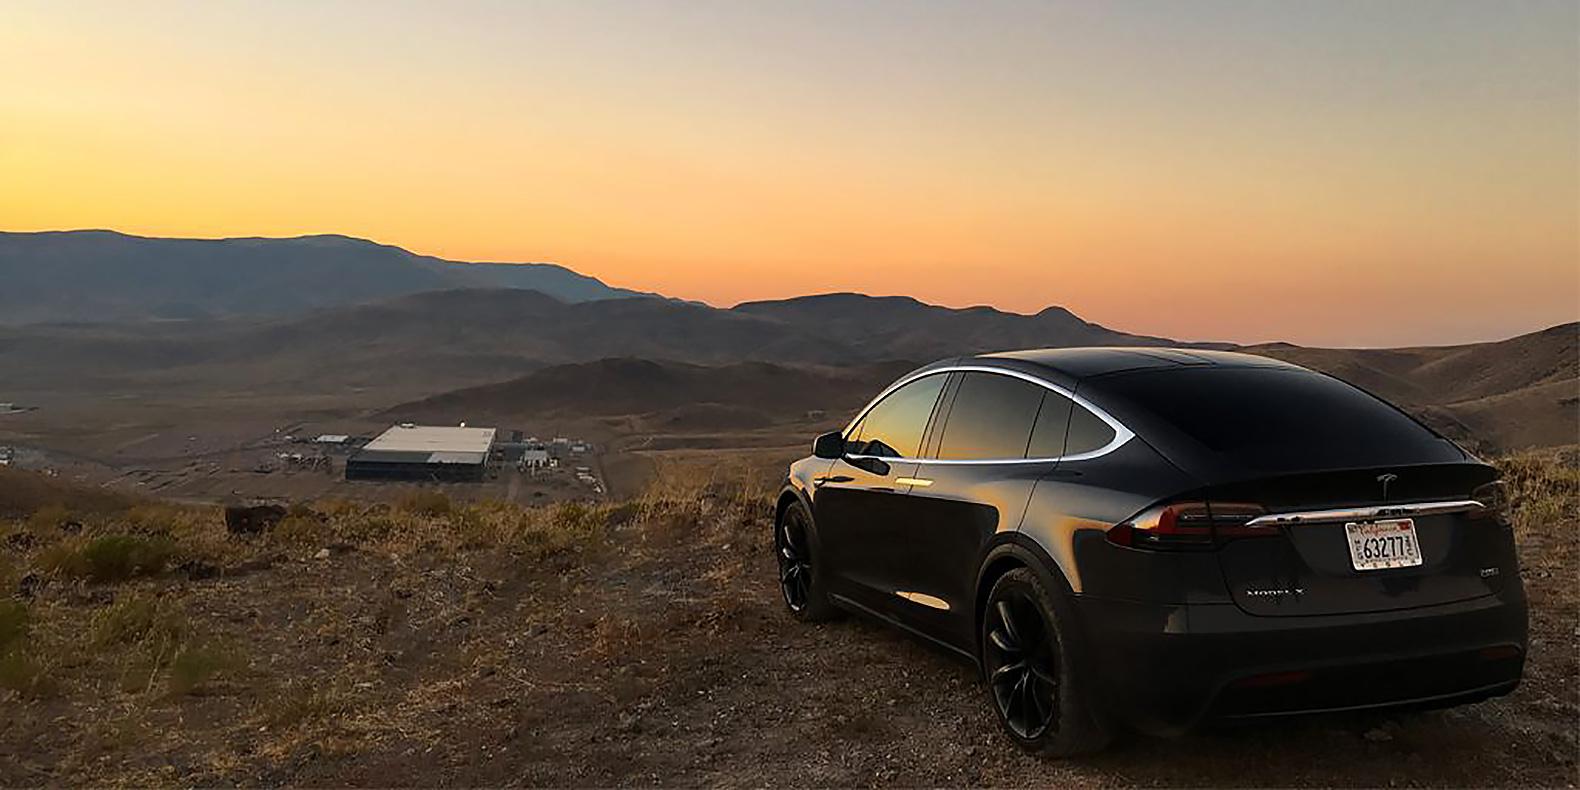 Tesla Shares Jump After Report Of Saudi Arabian Sovereign